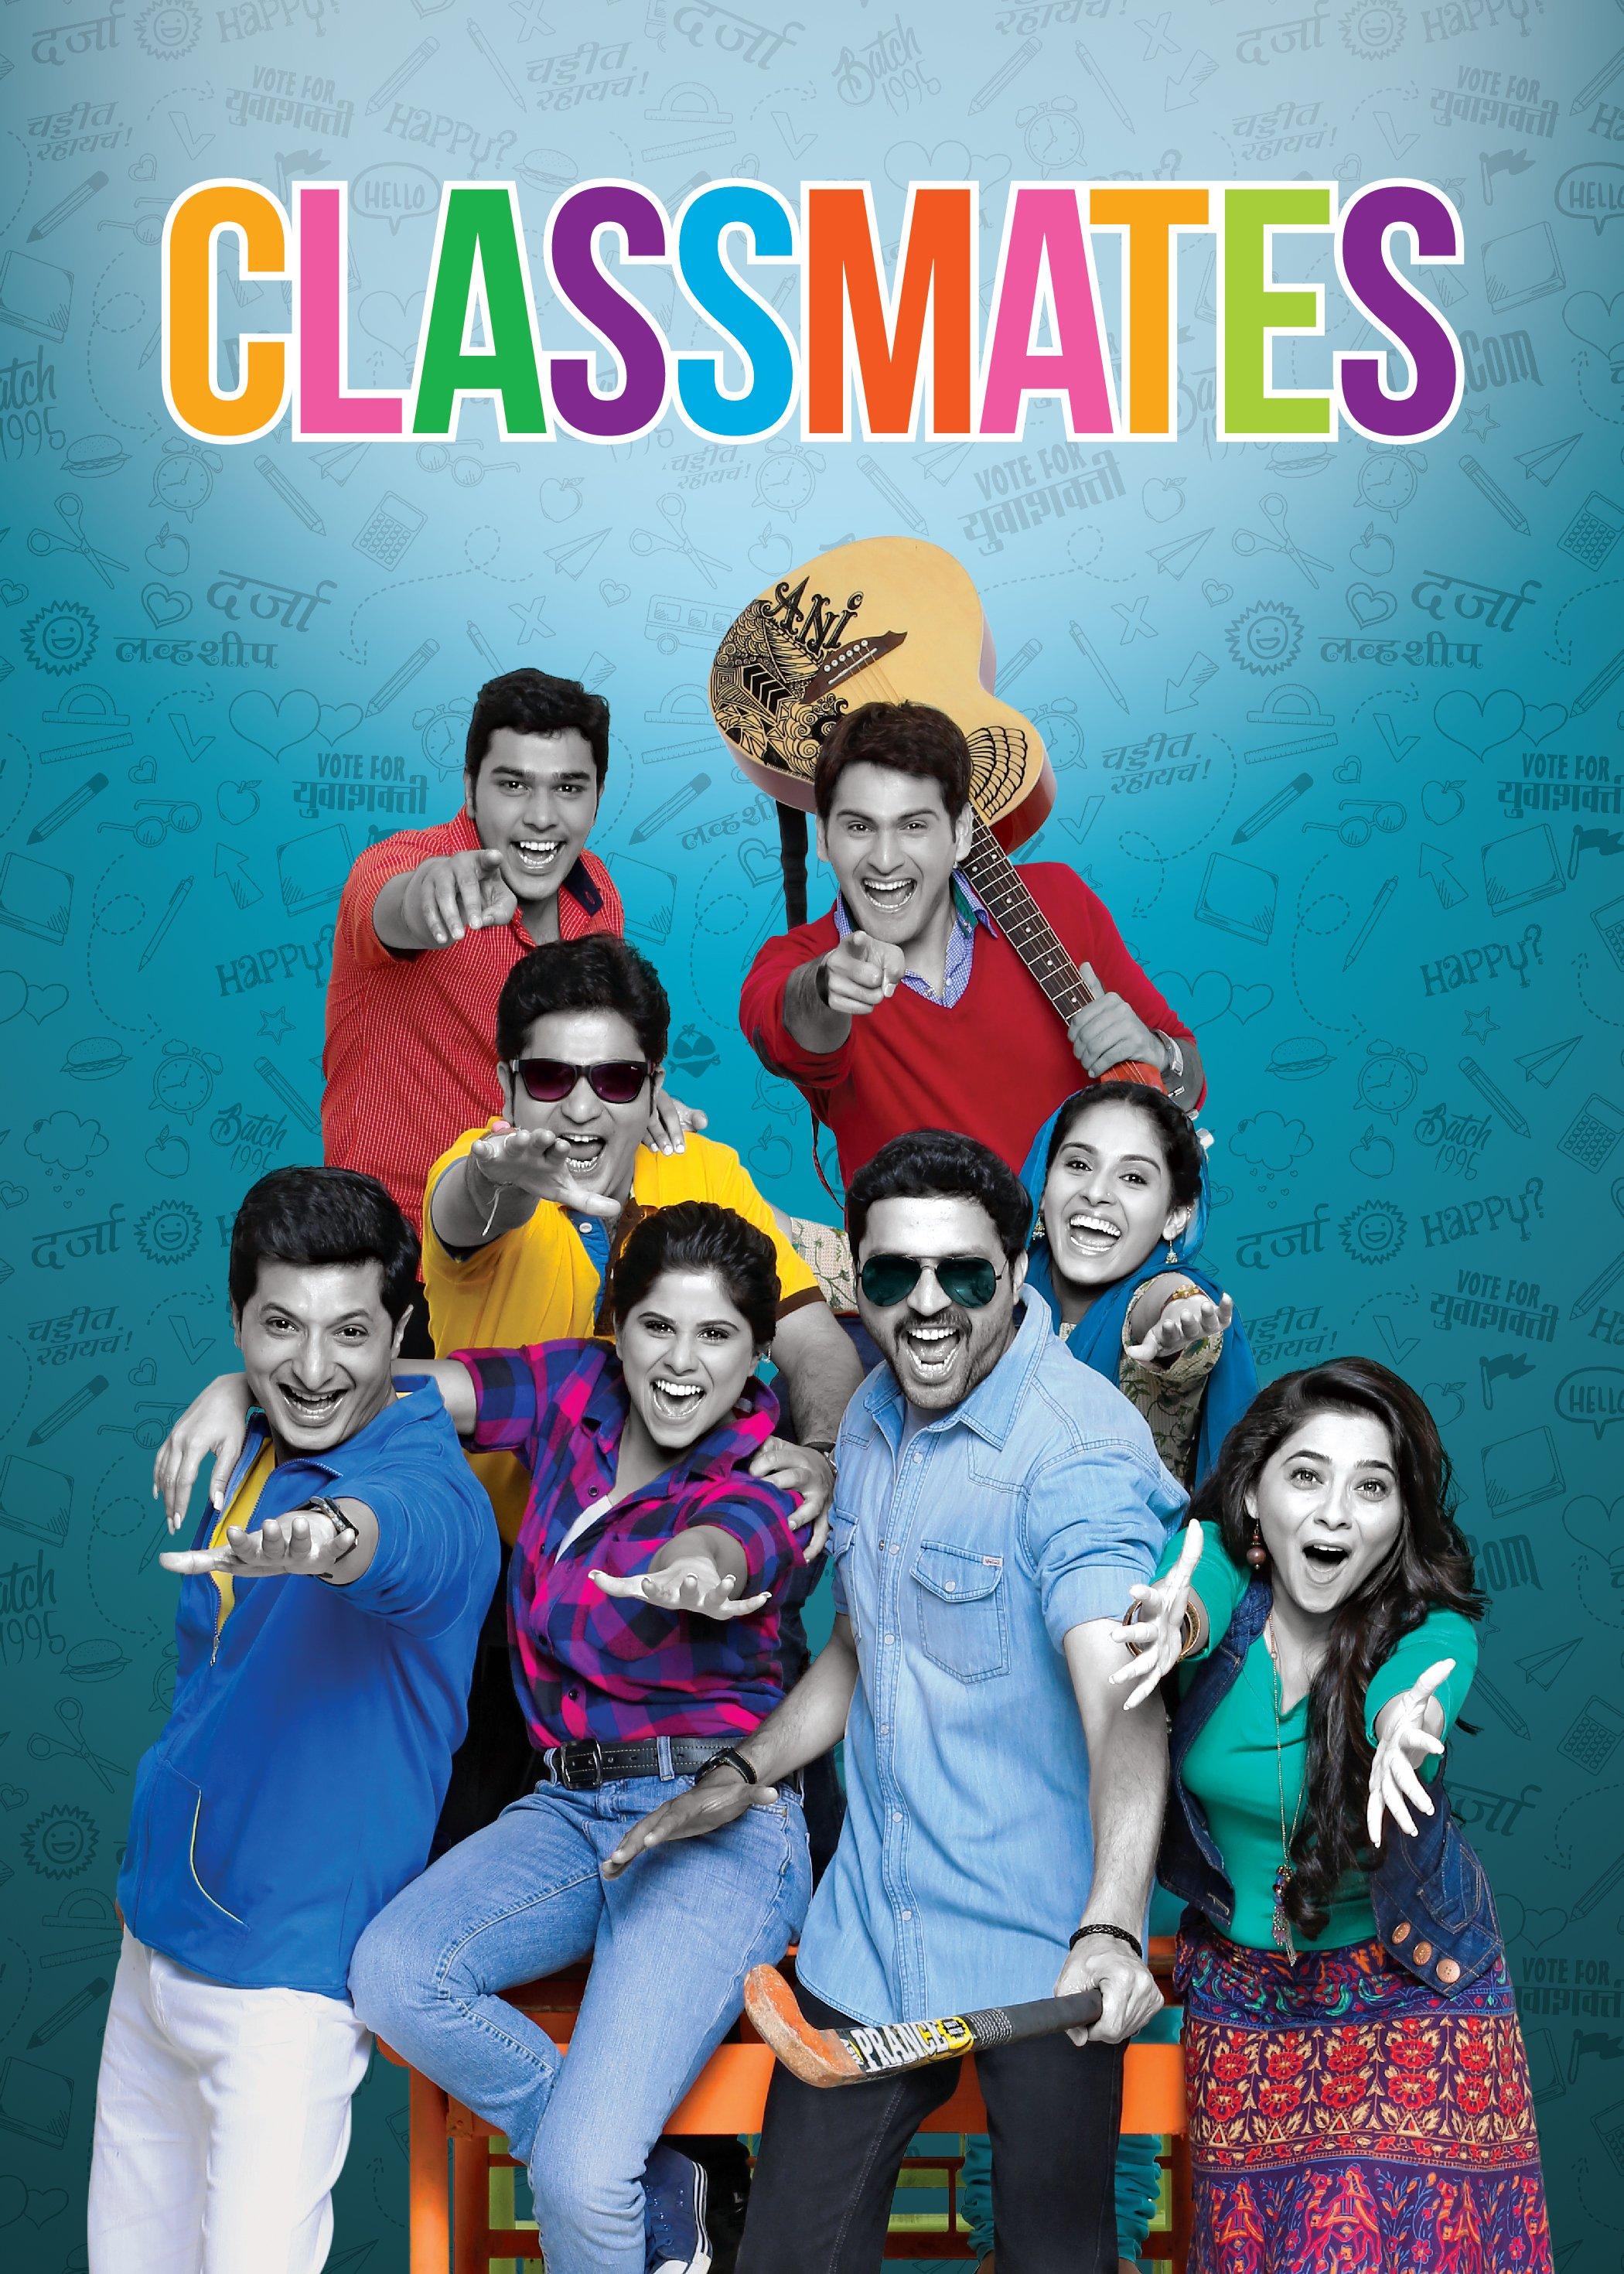 classmates 2015 full movie download